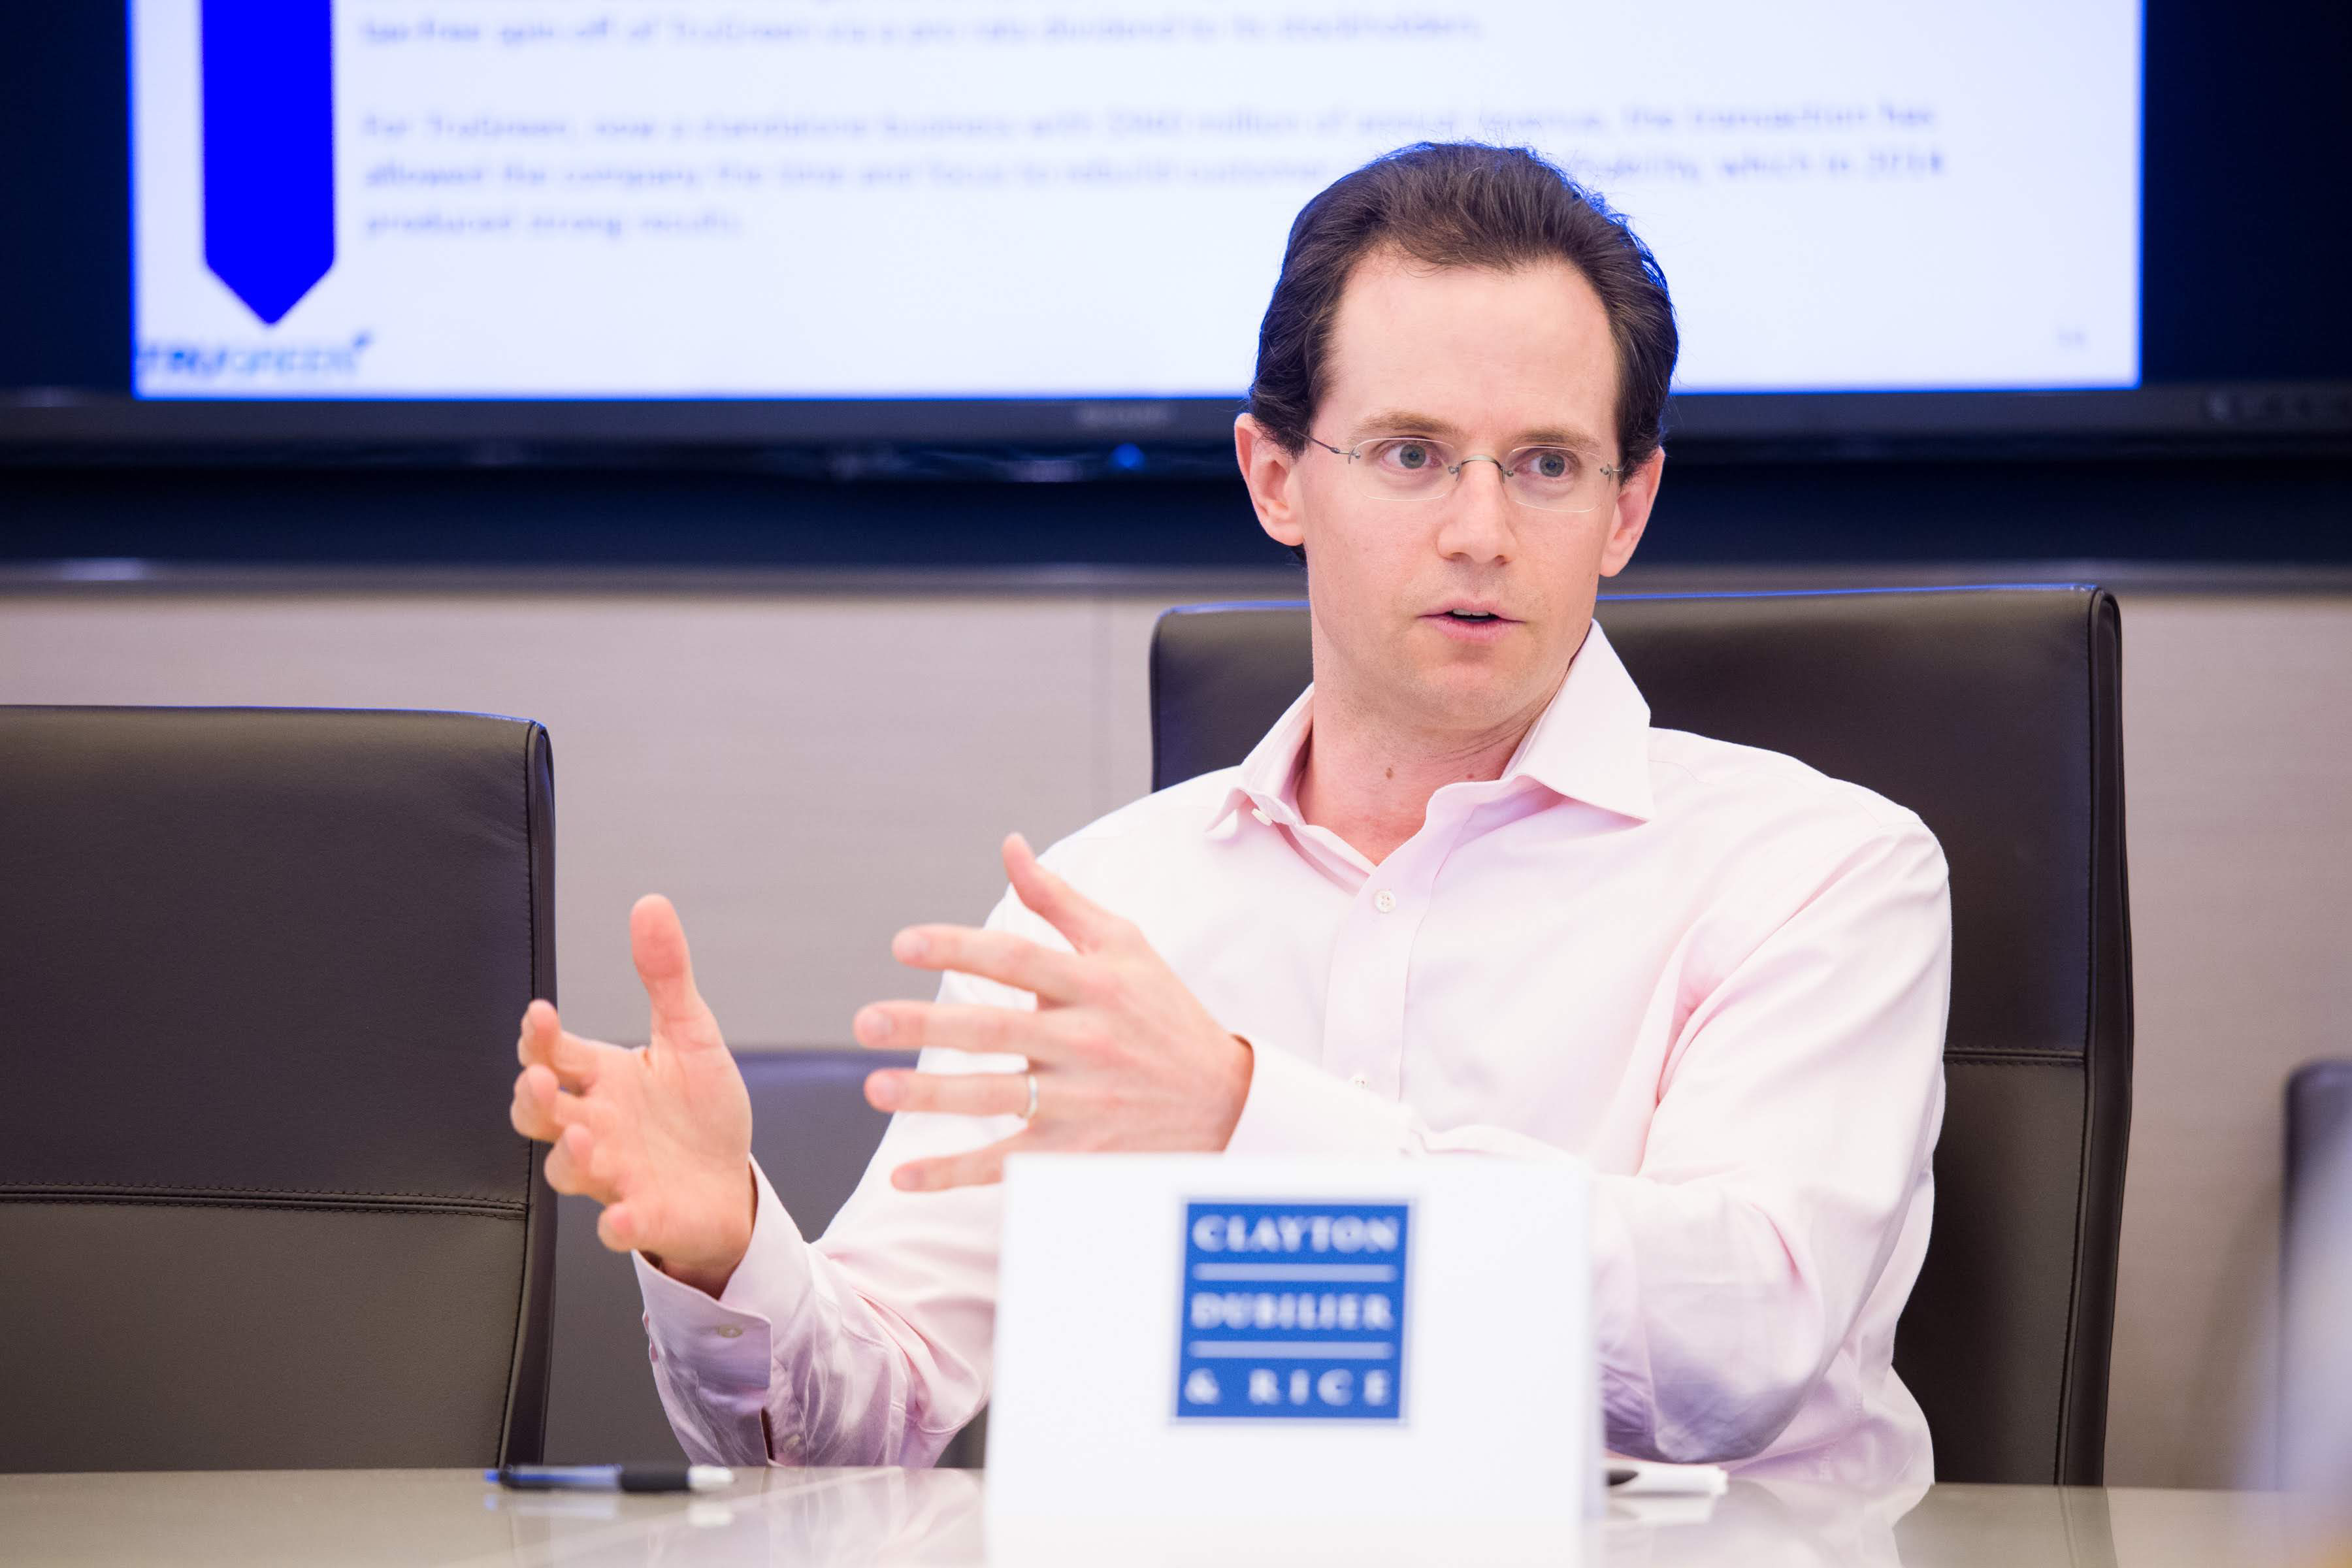 Stephen Shapiro